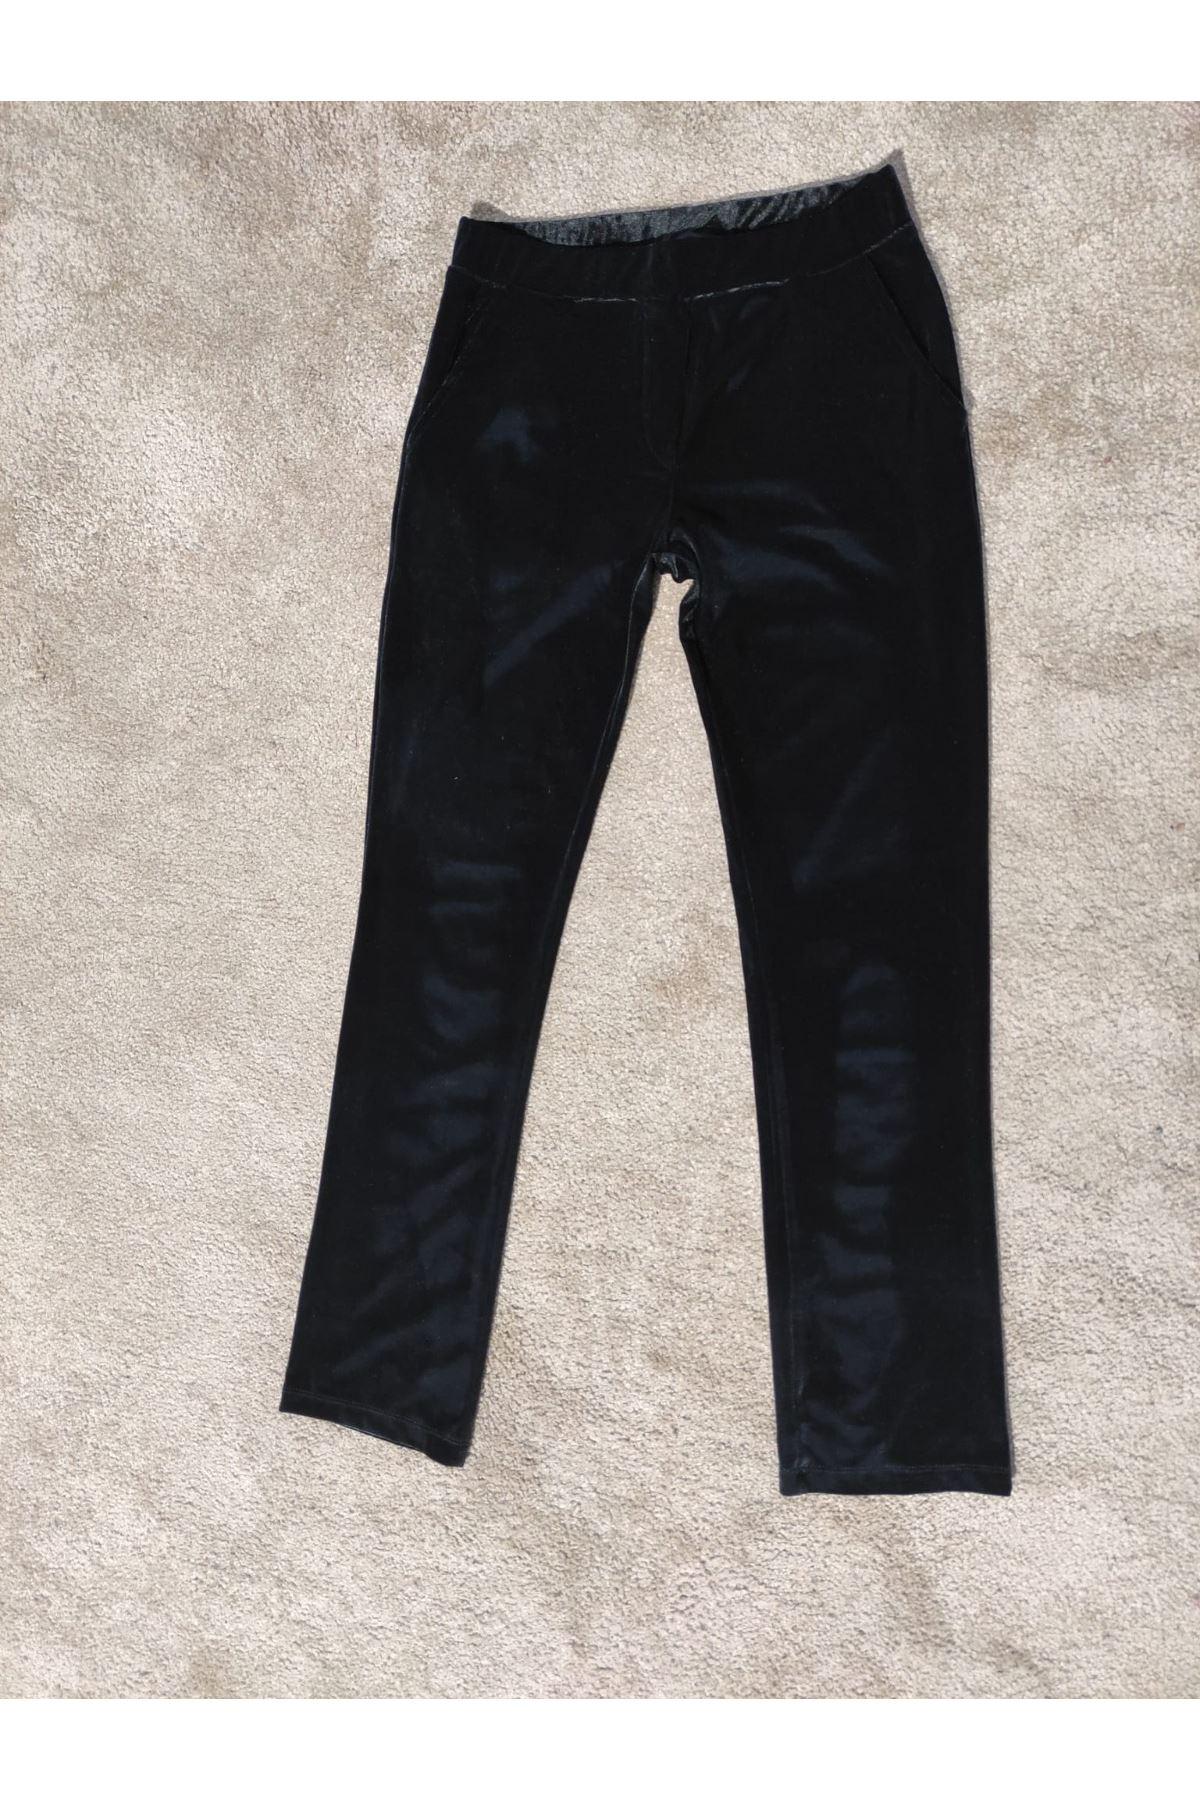 Kadın Yan Cepli Lastik Bel Kadife Siyah Pantolon